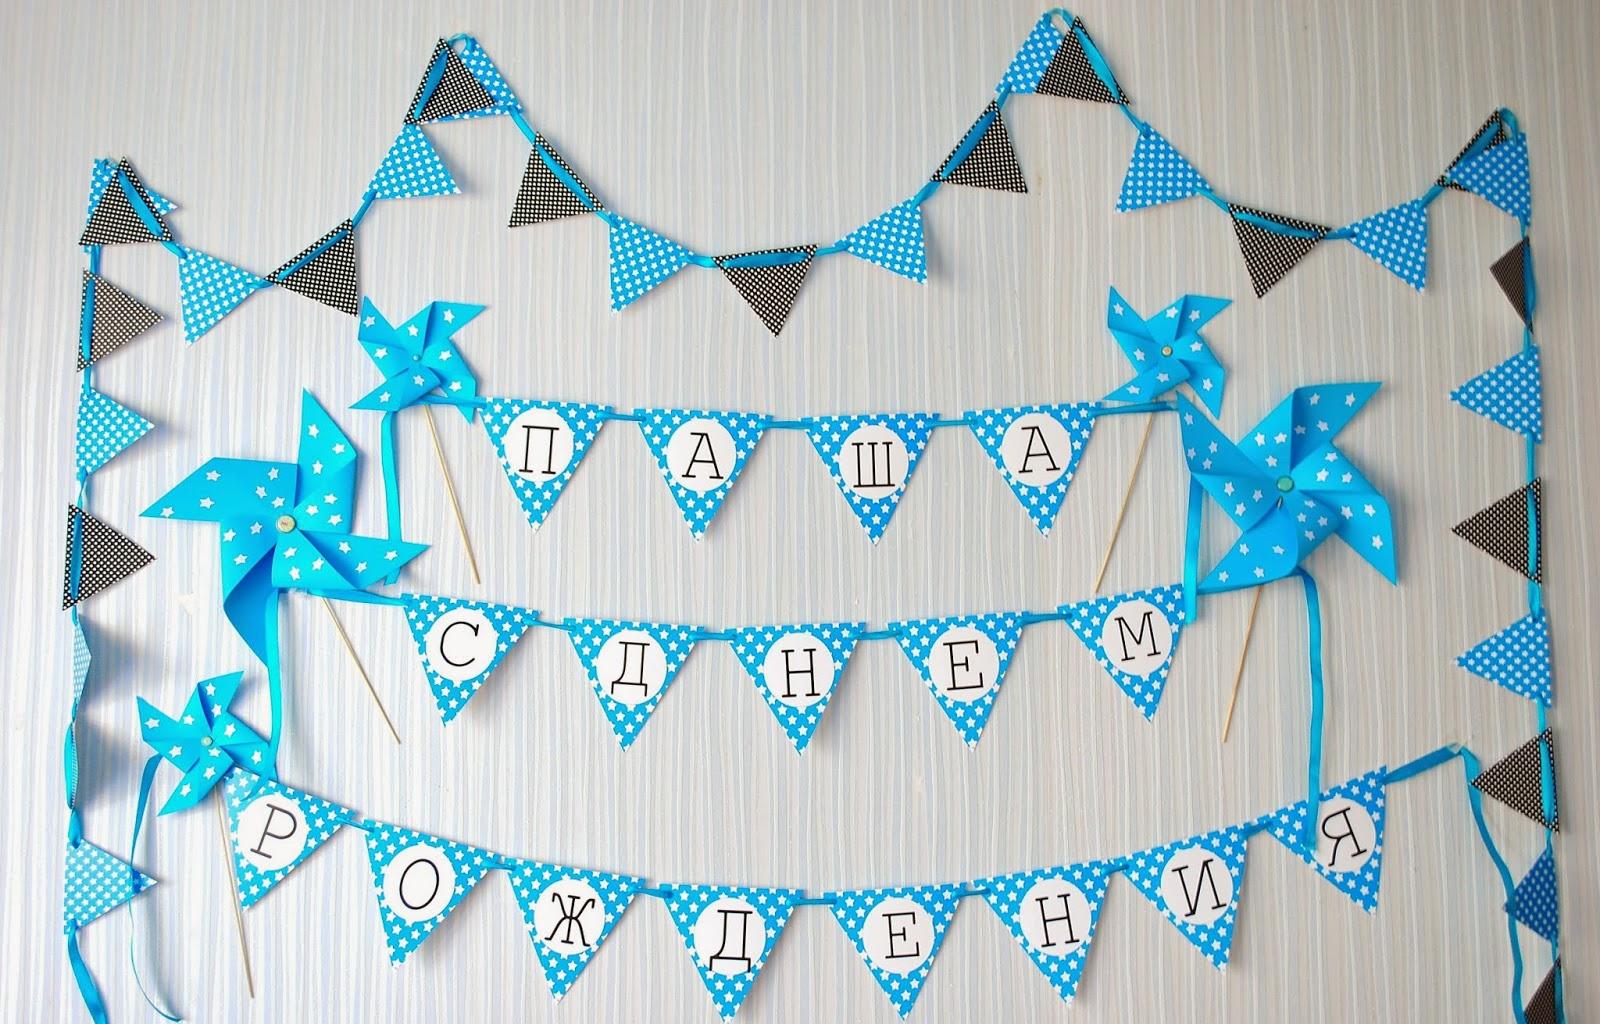 Как сделать гирлянду для день рождения своими руками